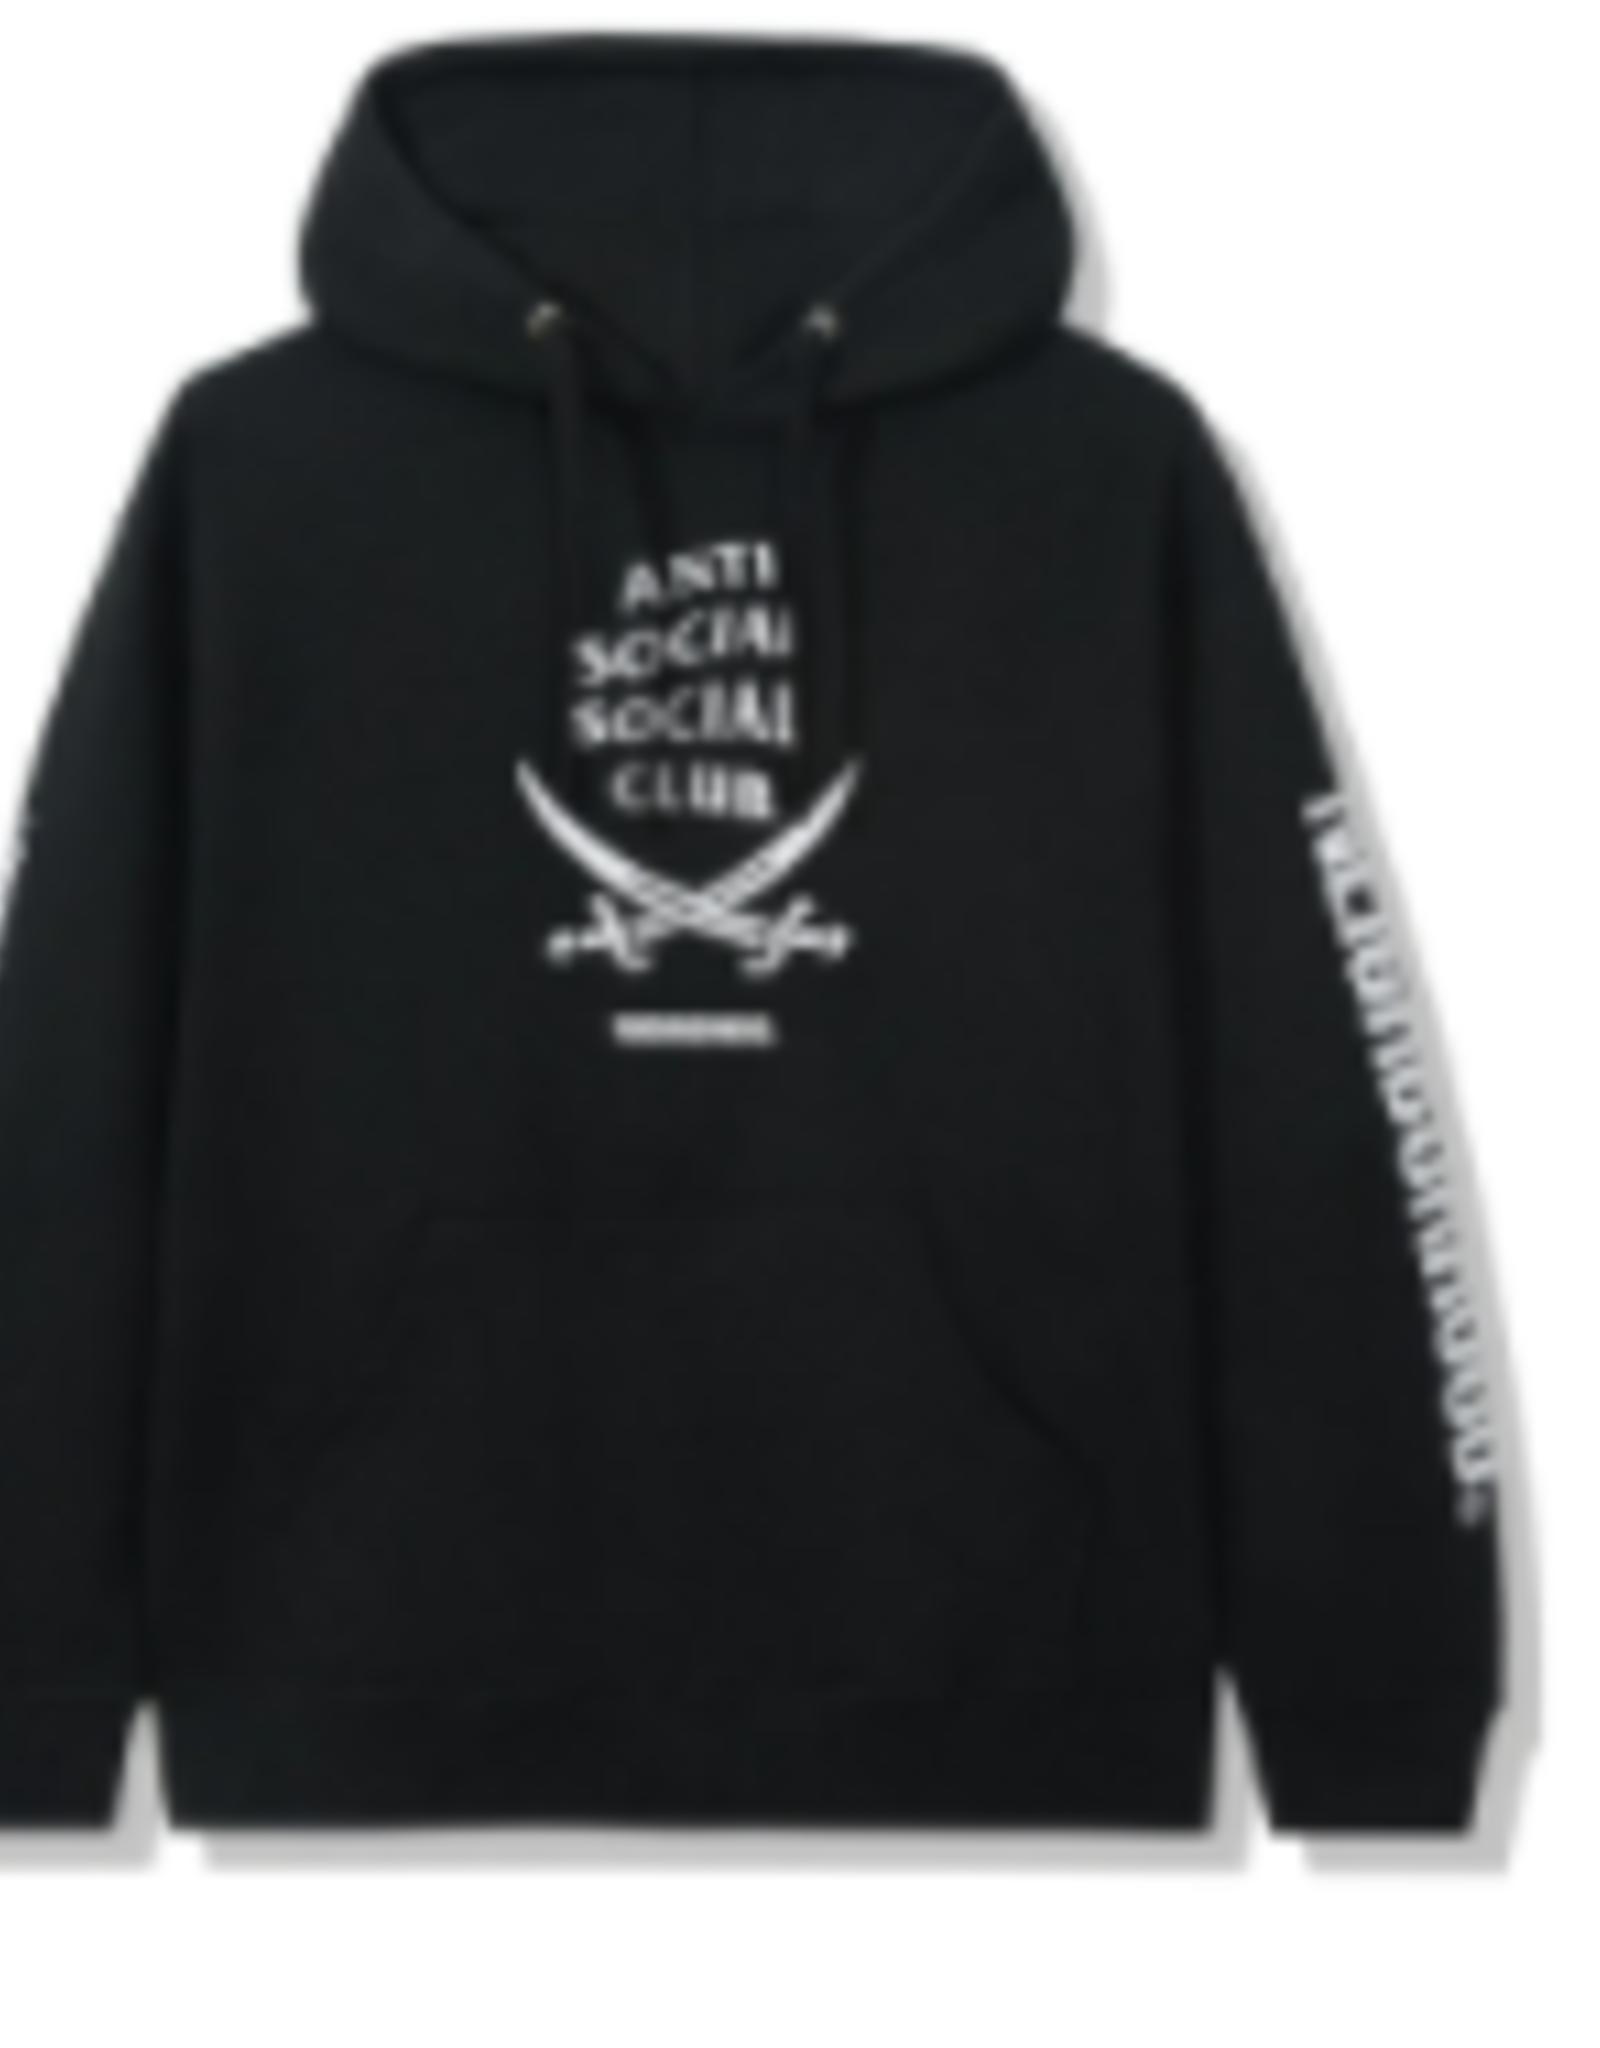 ASSC Anti Social Social Club x Neighborhood 6IX Black Hoodie Hoodie Black